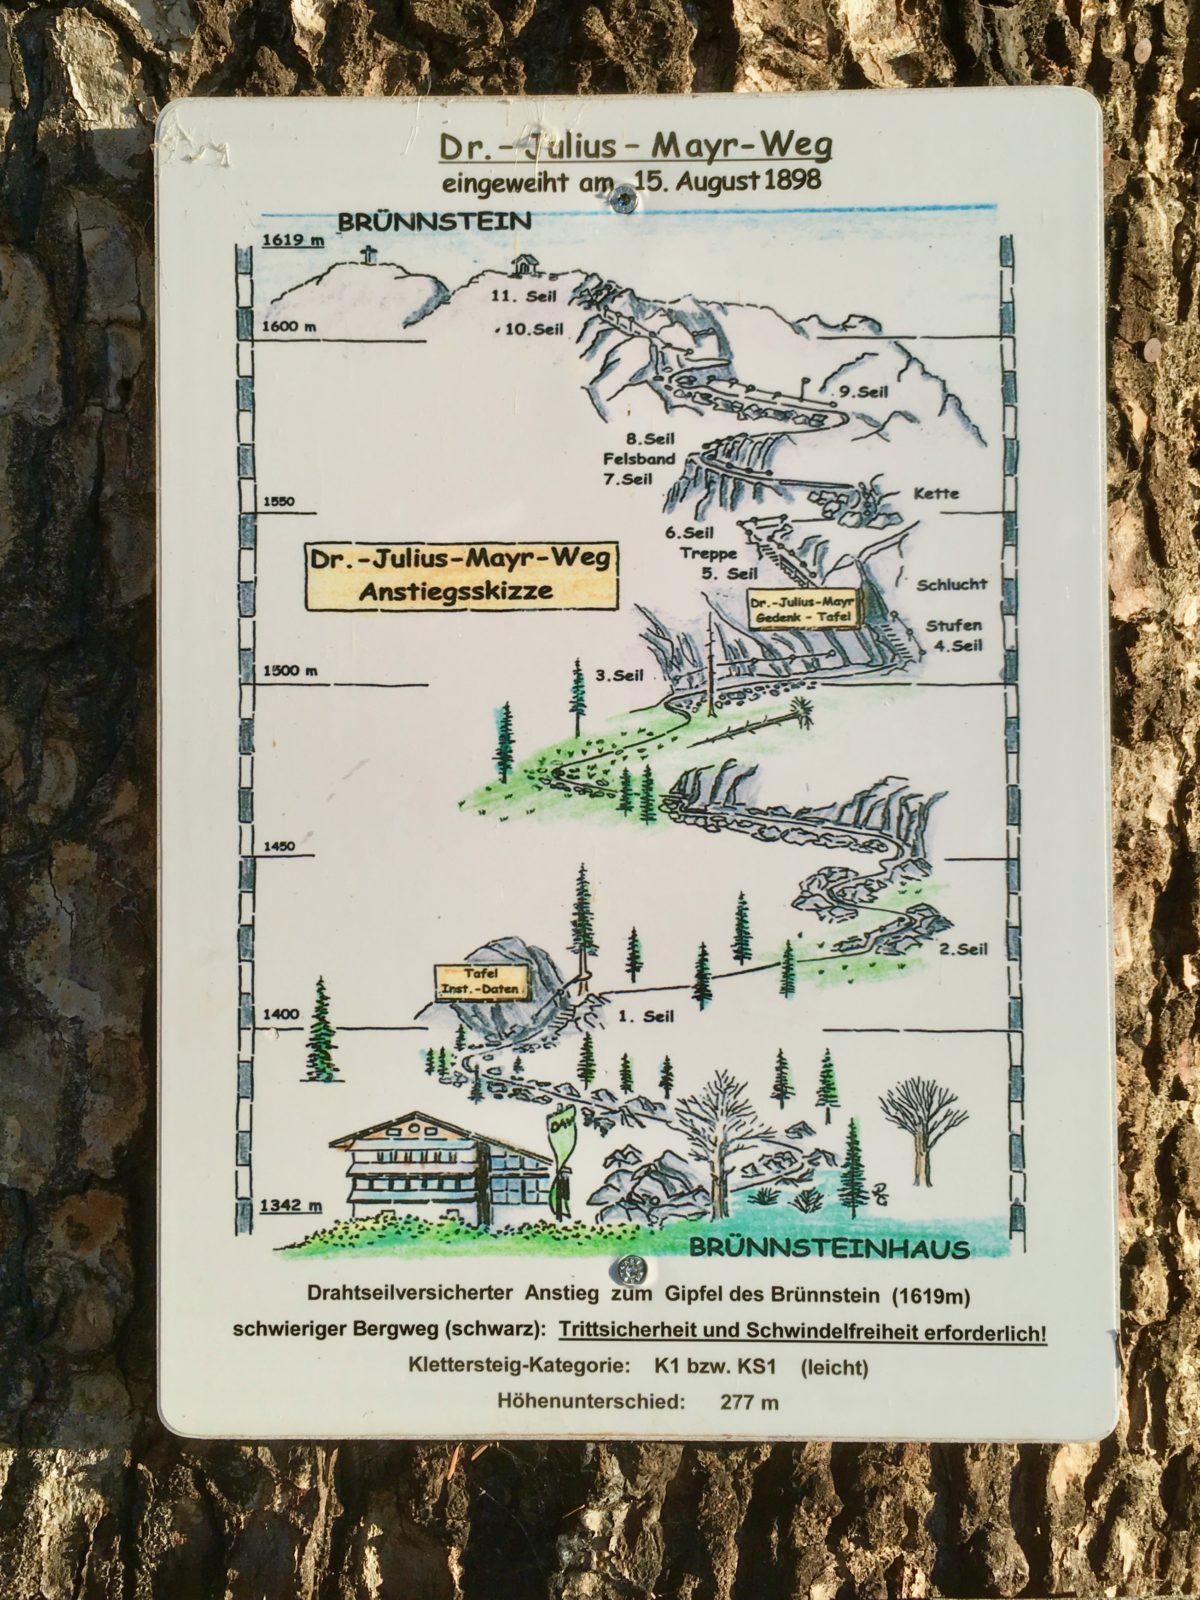 Der Klettersteig zum Brünnsteinhaus